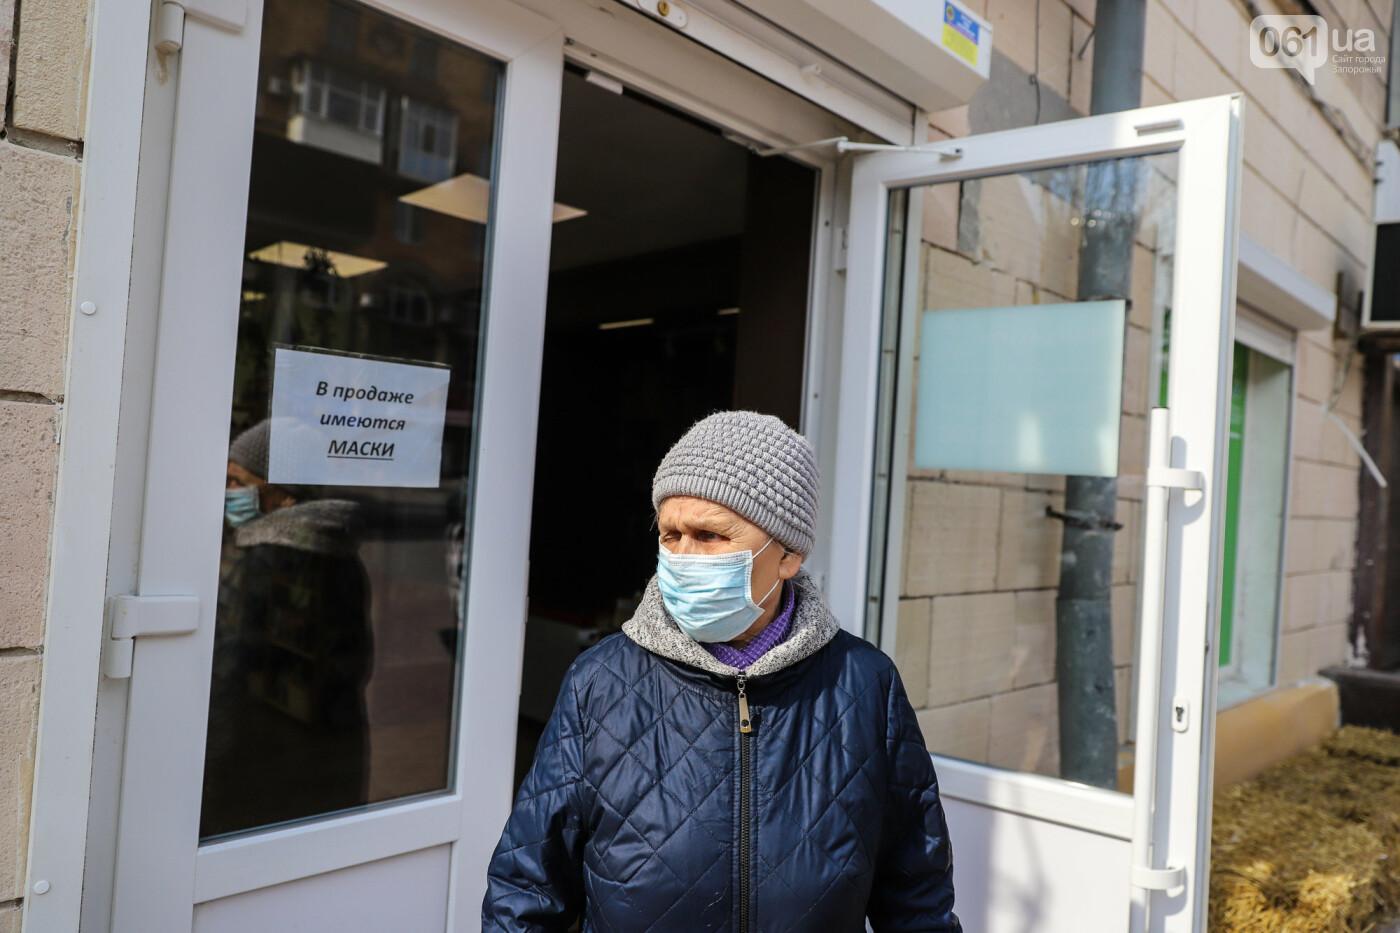 Вход только в масках: как выглядит Запорожье на карантине, - ФОТОРЕПОРТАЖ, фото-44